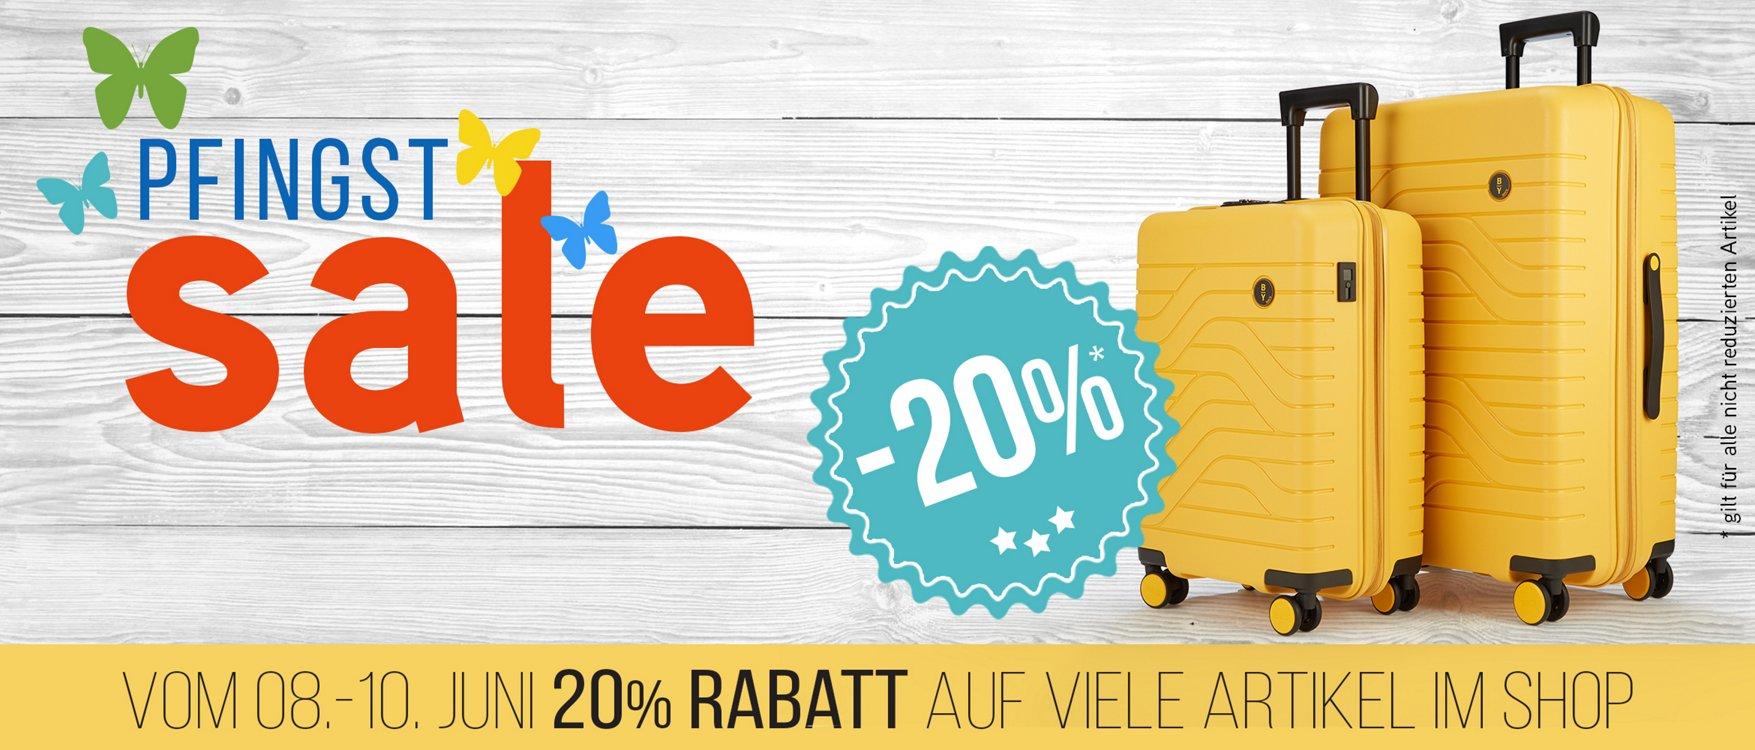 Bild zu Koffer-Direkt: 20% Rabatt auf nicht reduzierte Artikel